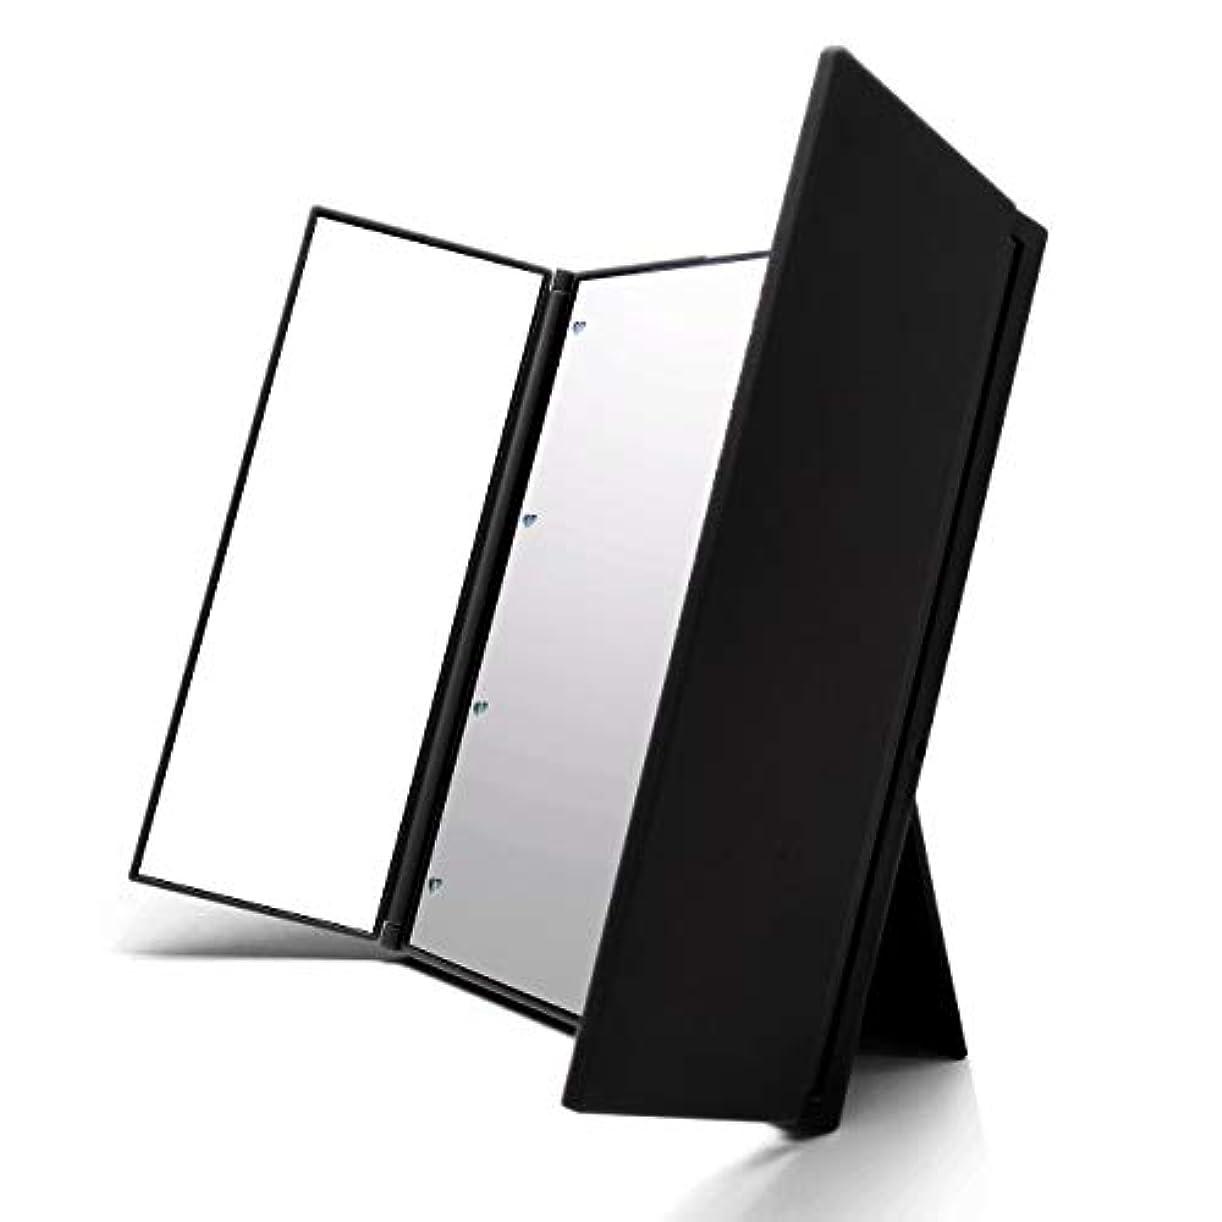 章共感するながらVidgoo 鏡 卓上 化粧鏡 スタンド LED付き 三面鏡 折り畳み式 調整可能 電池型 ブラック